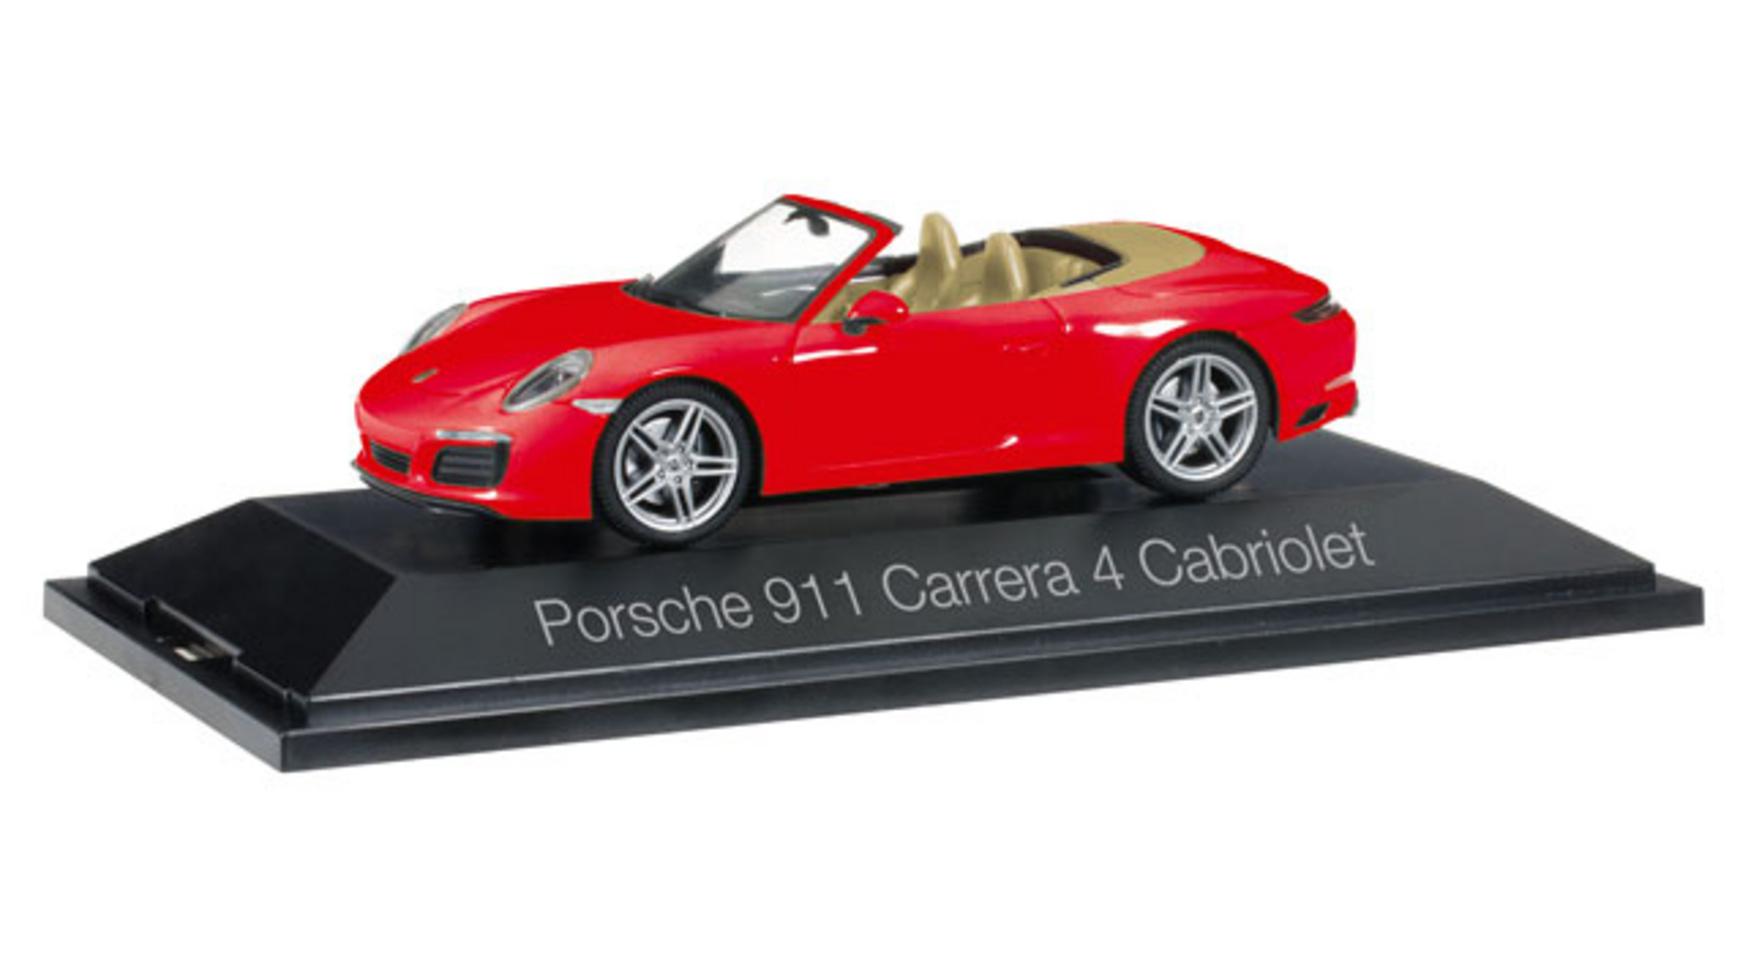 [Müller online] Herpa Automodelle (1:43) für 15€, z.B. 071109 Porsche 911 Carrera 4 Cabriolet